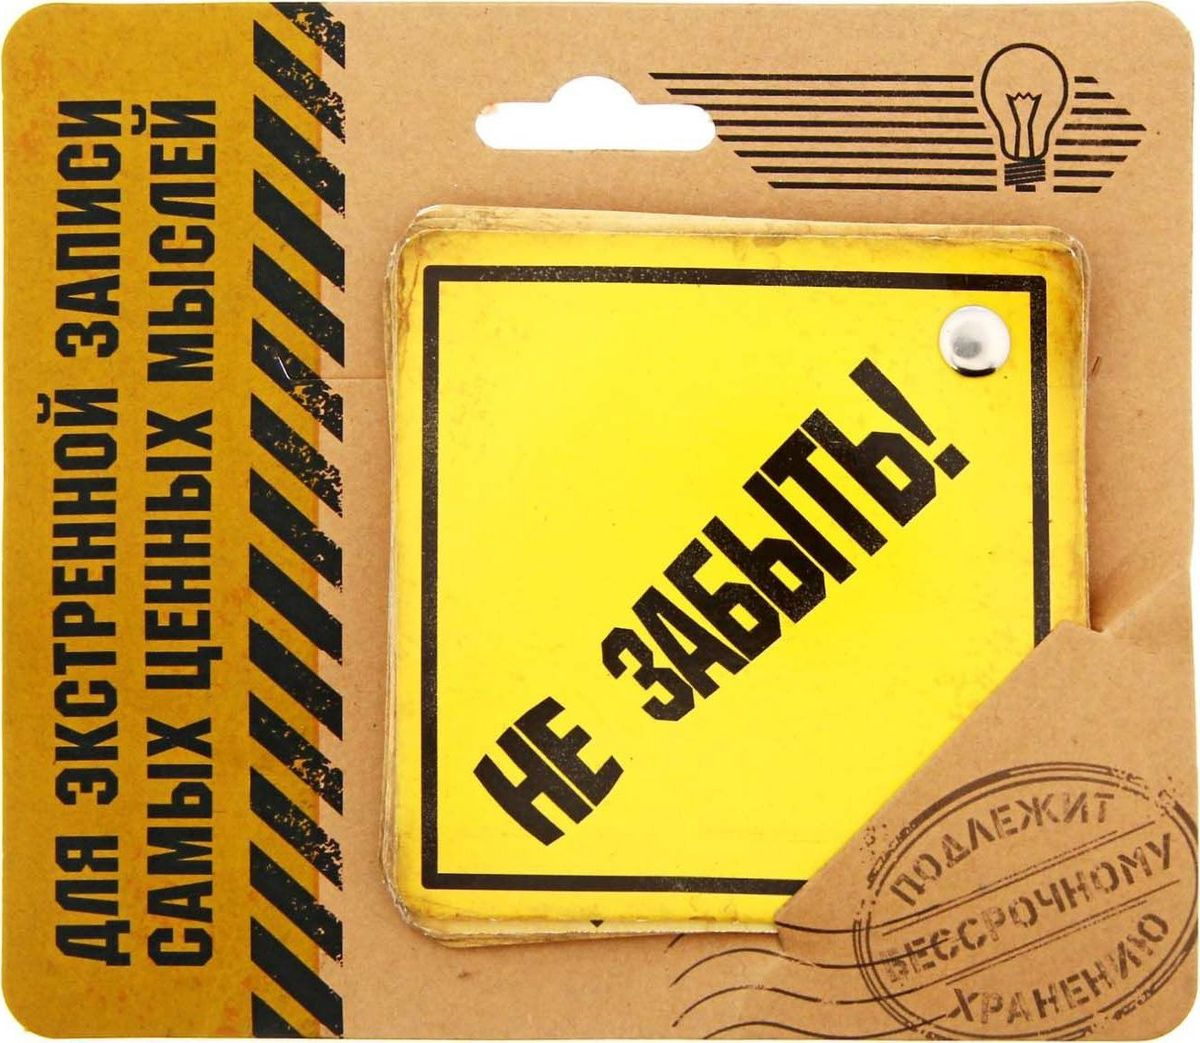 Блокнот Не забыть 40 листов1163953Блокнот Не забыть содержит 40 дизайнерских листов, надежно закрепленных на металлической клепке. Он непременно удивит получателя своим качеством, удобством и практичностью, а обложка с веселыми надписями будет поднимать настроение весь срок службы. Это оригинальный подарок по поводу и без. Фигурный блокнот закреплен на креативной авторской подложке.Содержит 40 листов.